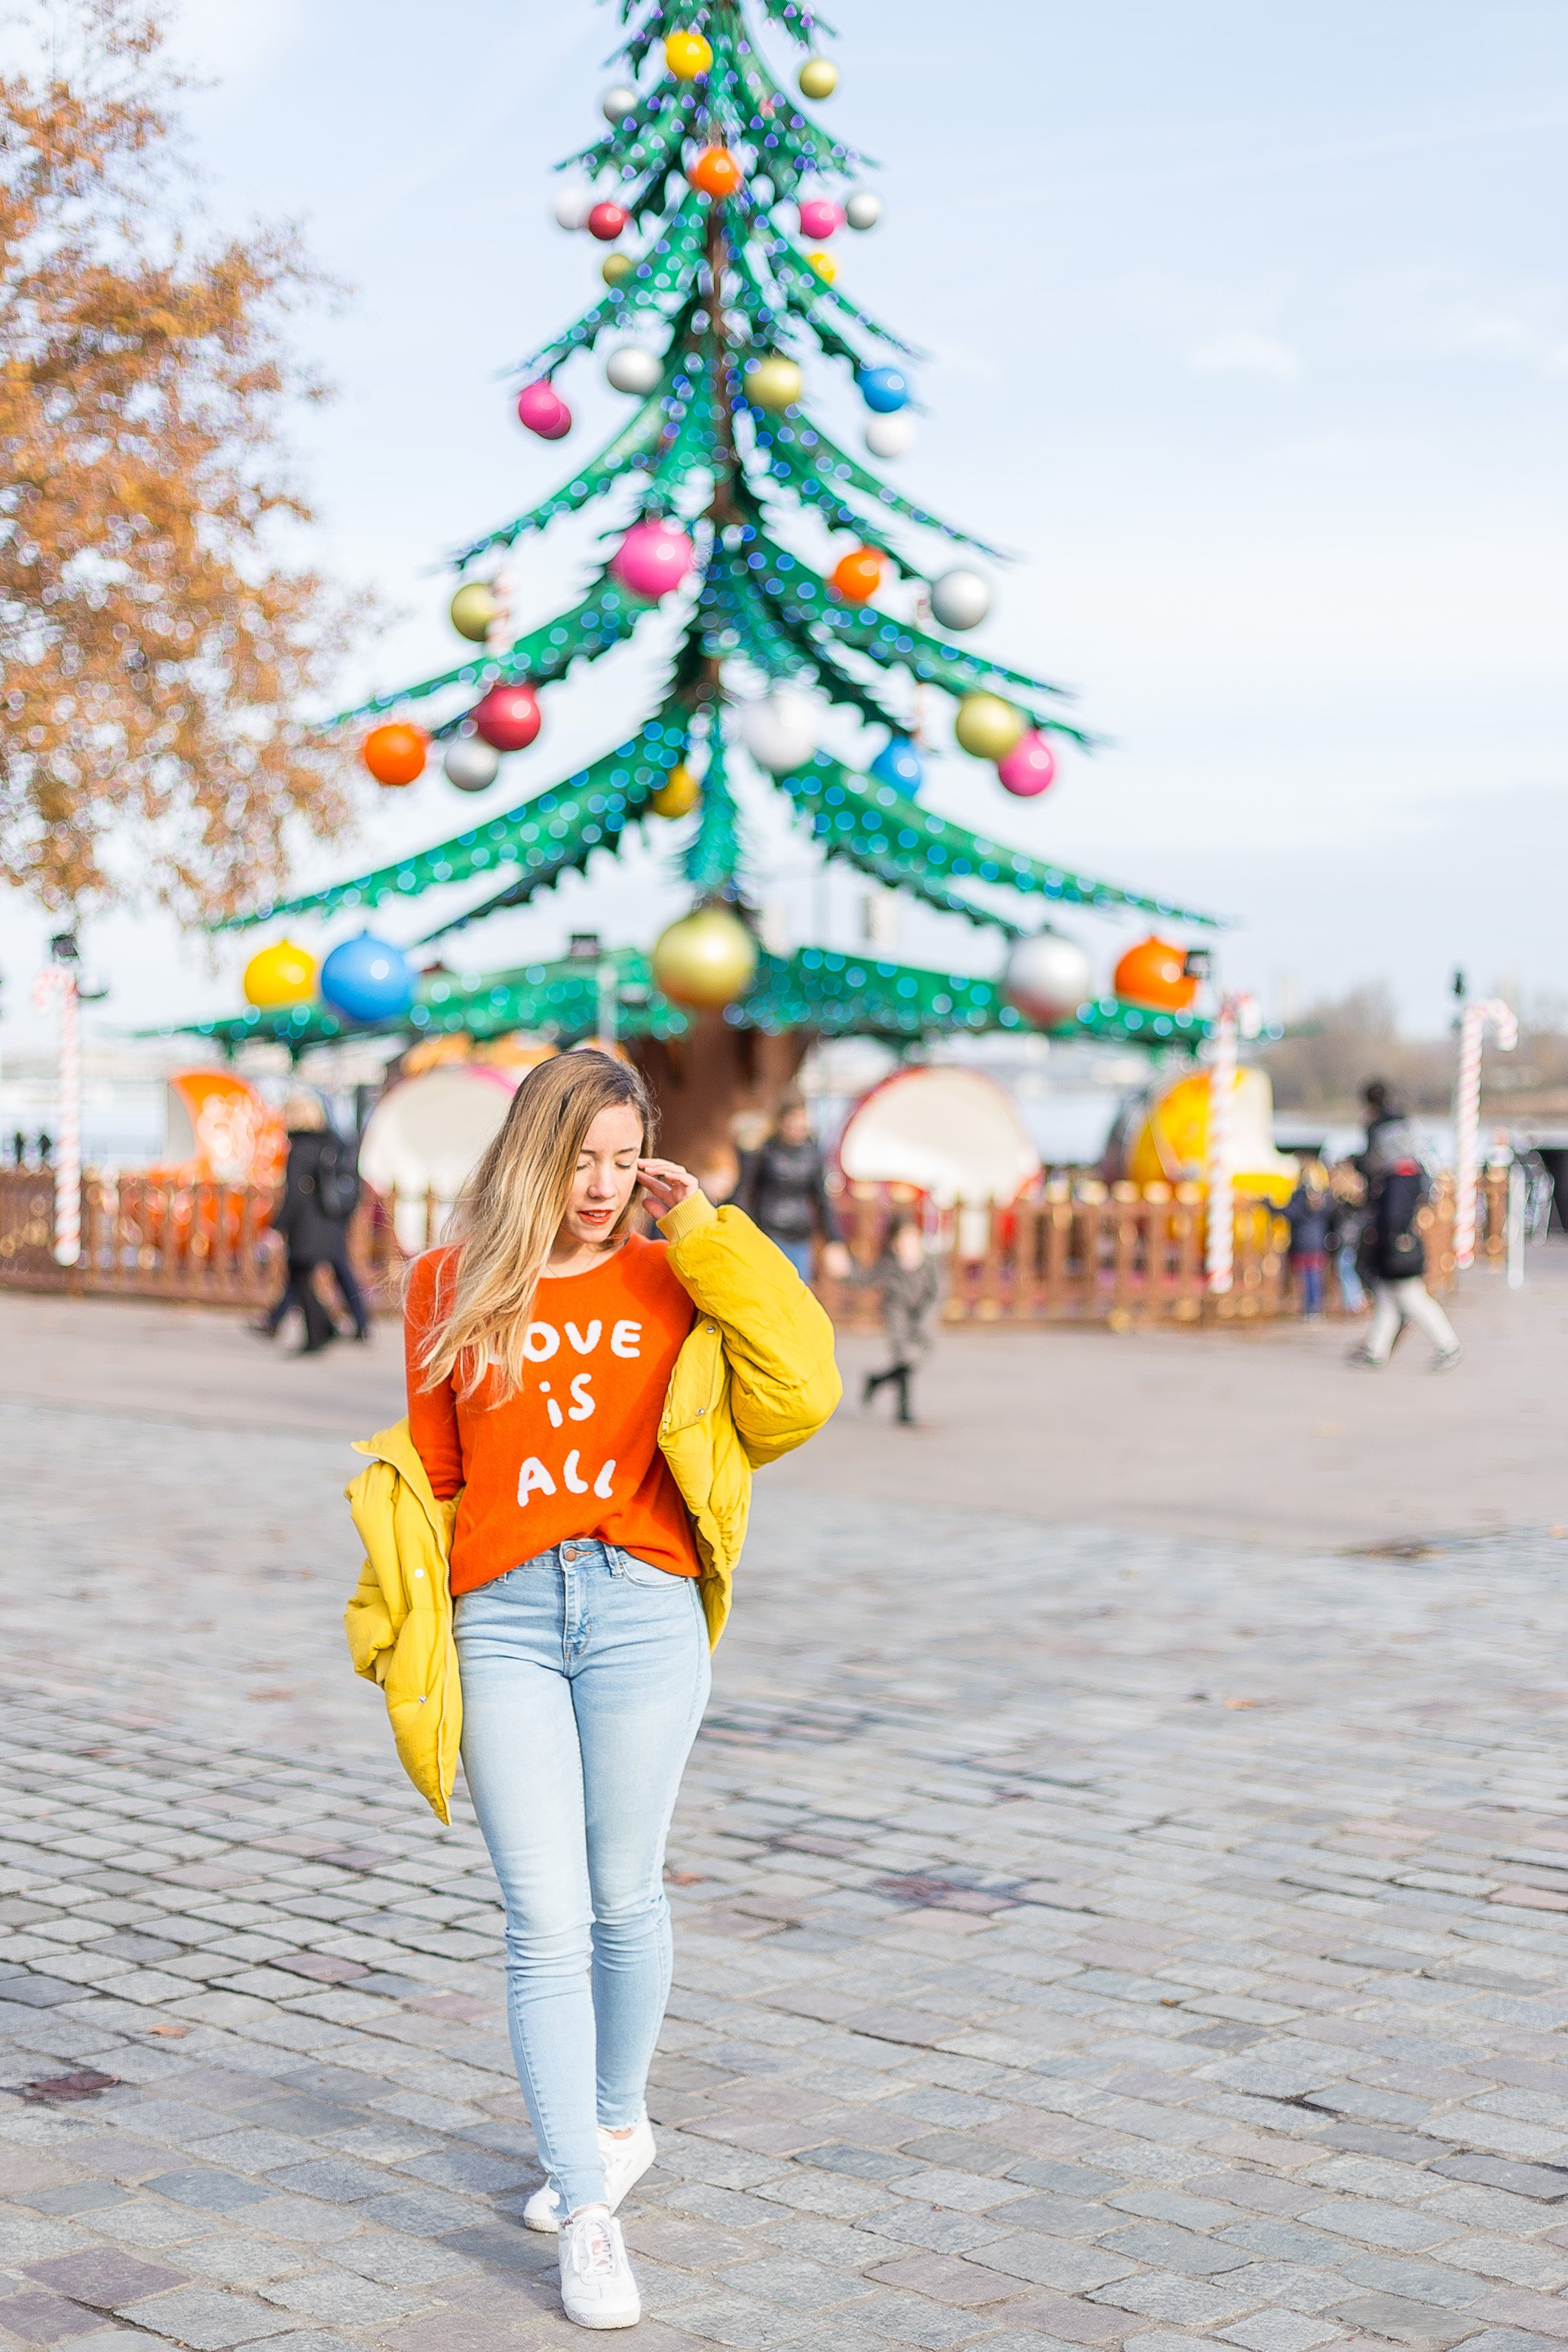 doudoune jaune pull orange